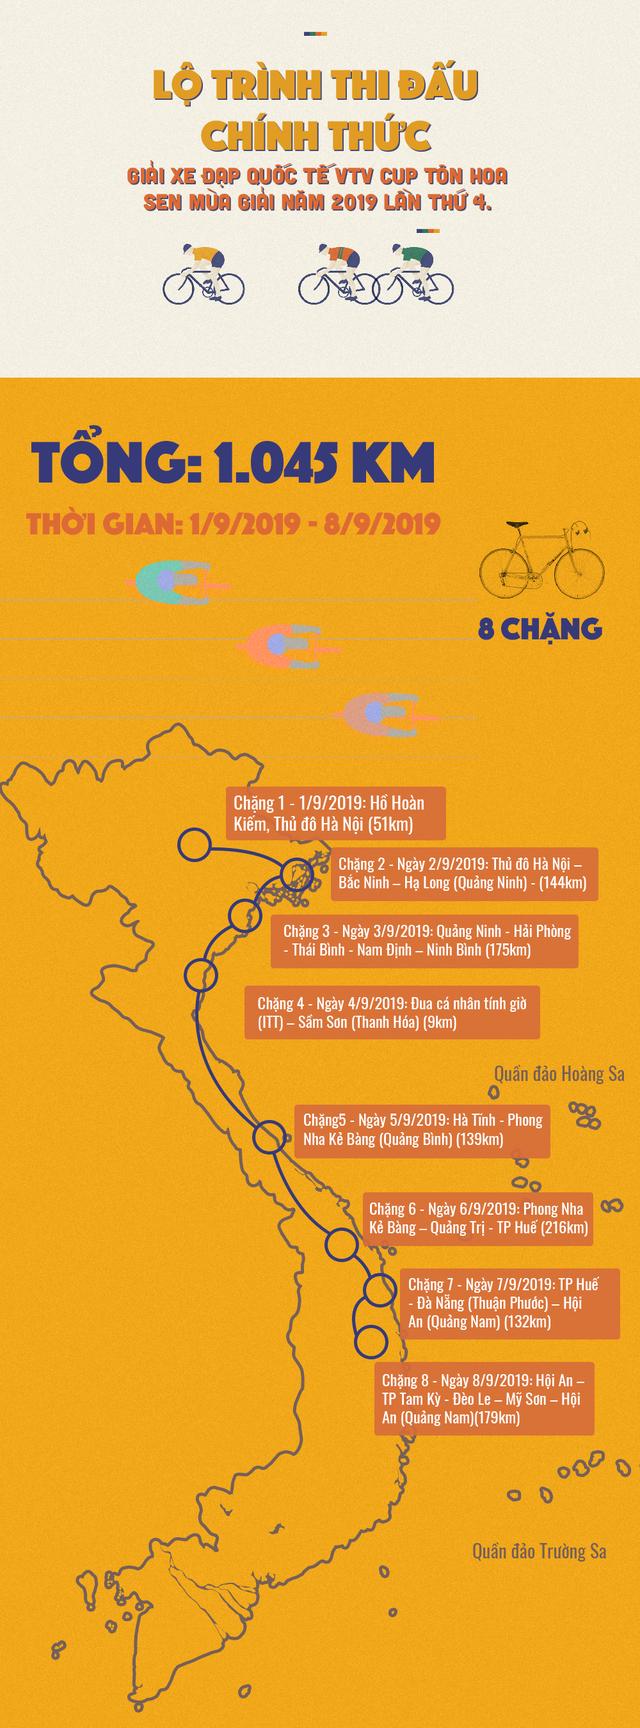 [Infographic] Lộ trình 8 chặng của Giải xe đạp quốc tế VTV Cúp 2019 - Ảnh 1.